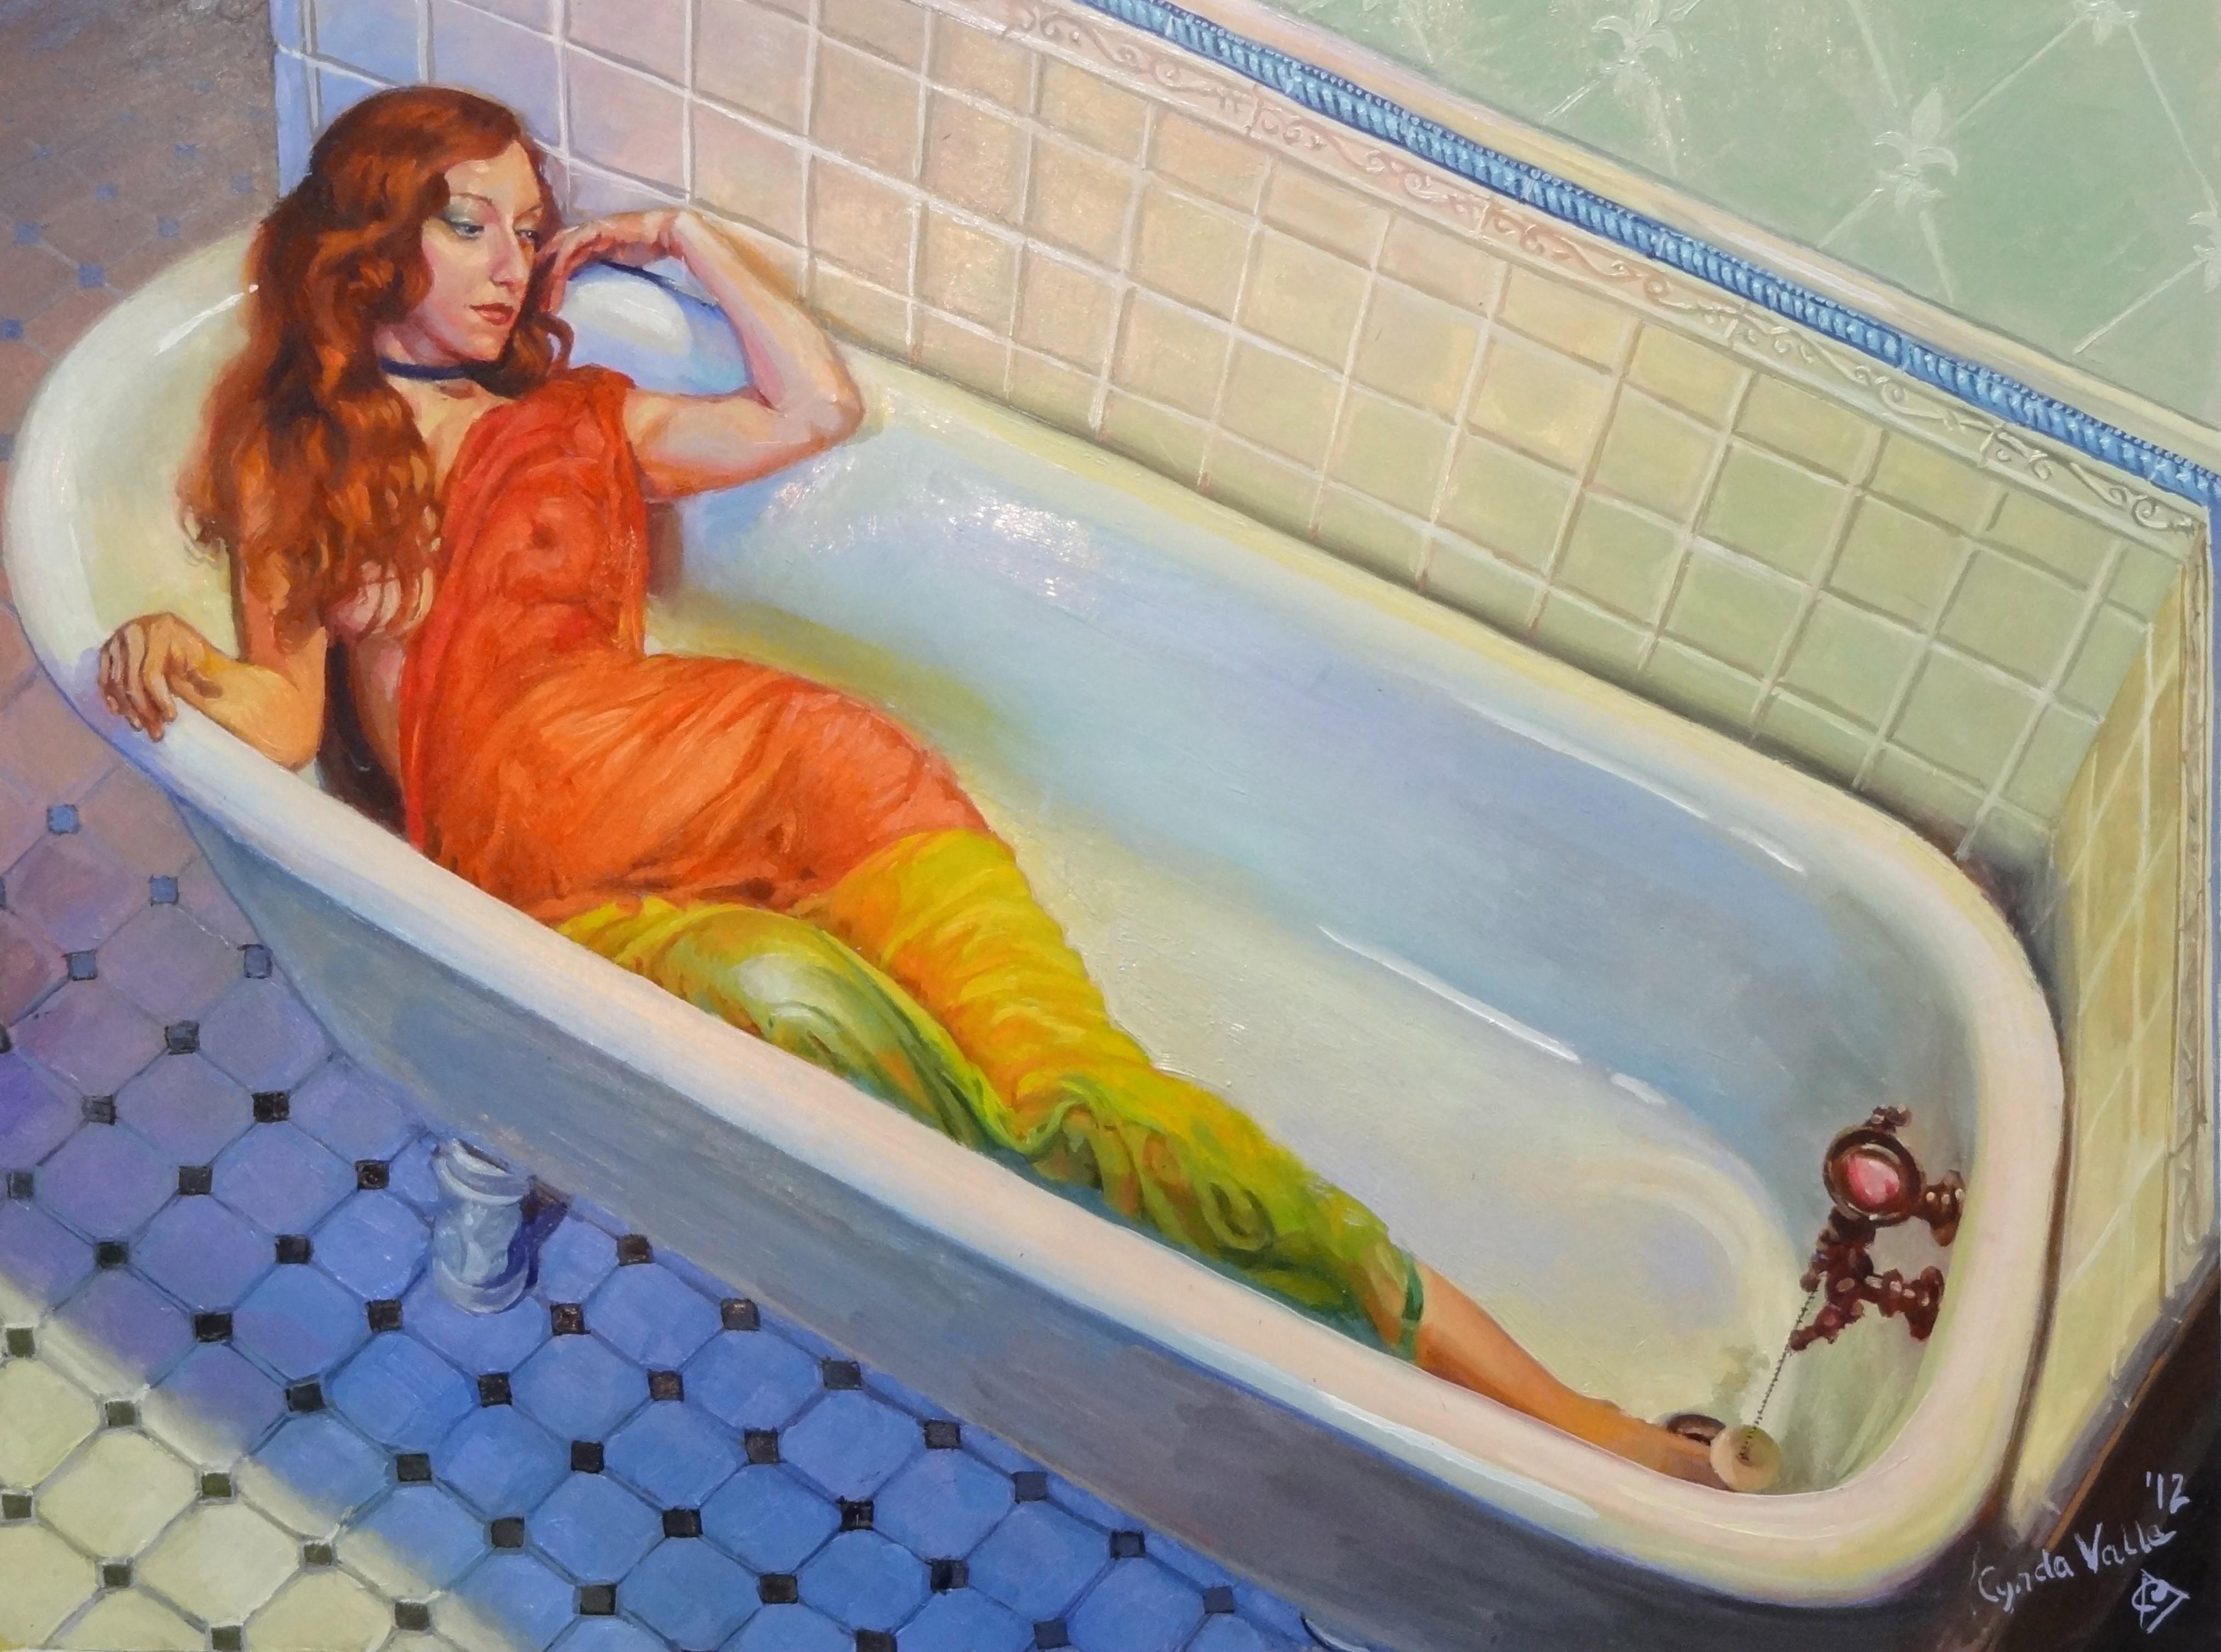 Рыжая девушка в ванной фото 6 фотография